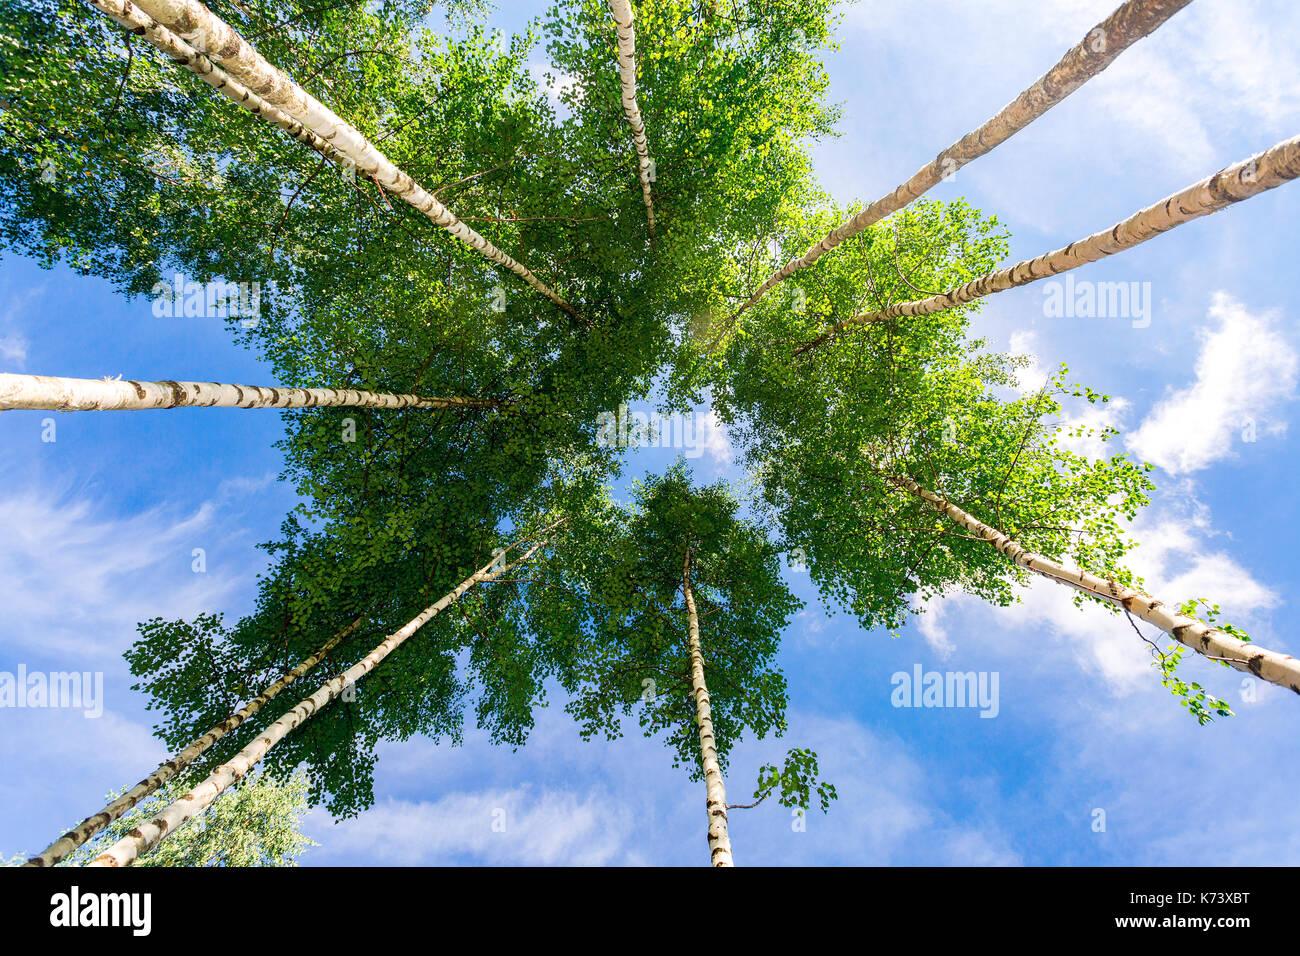 Las coronas de los altos árboles de abedul por encima de su cabeza en el bosque contra un cielo azul. la naturaleza salvaje de la selva baja caducifolia en verano. Imagen De Stock